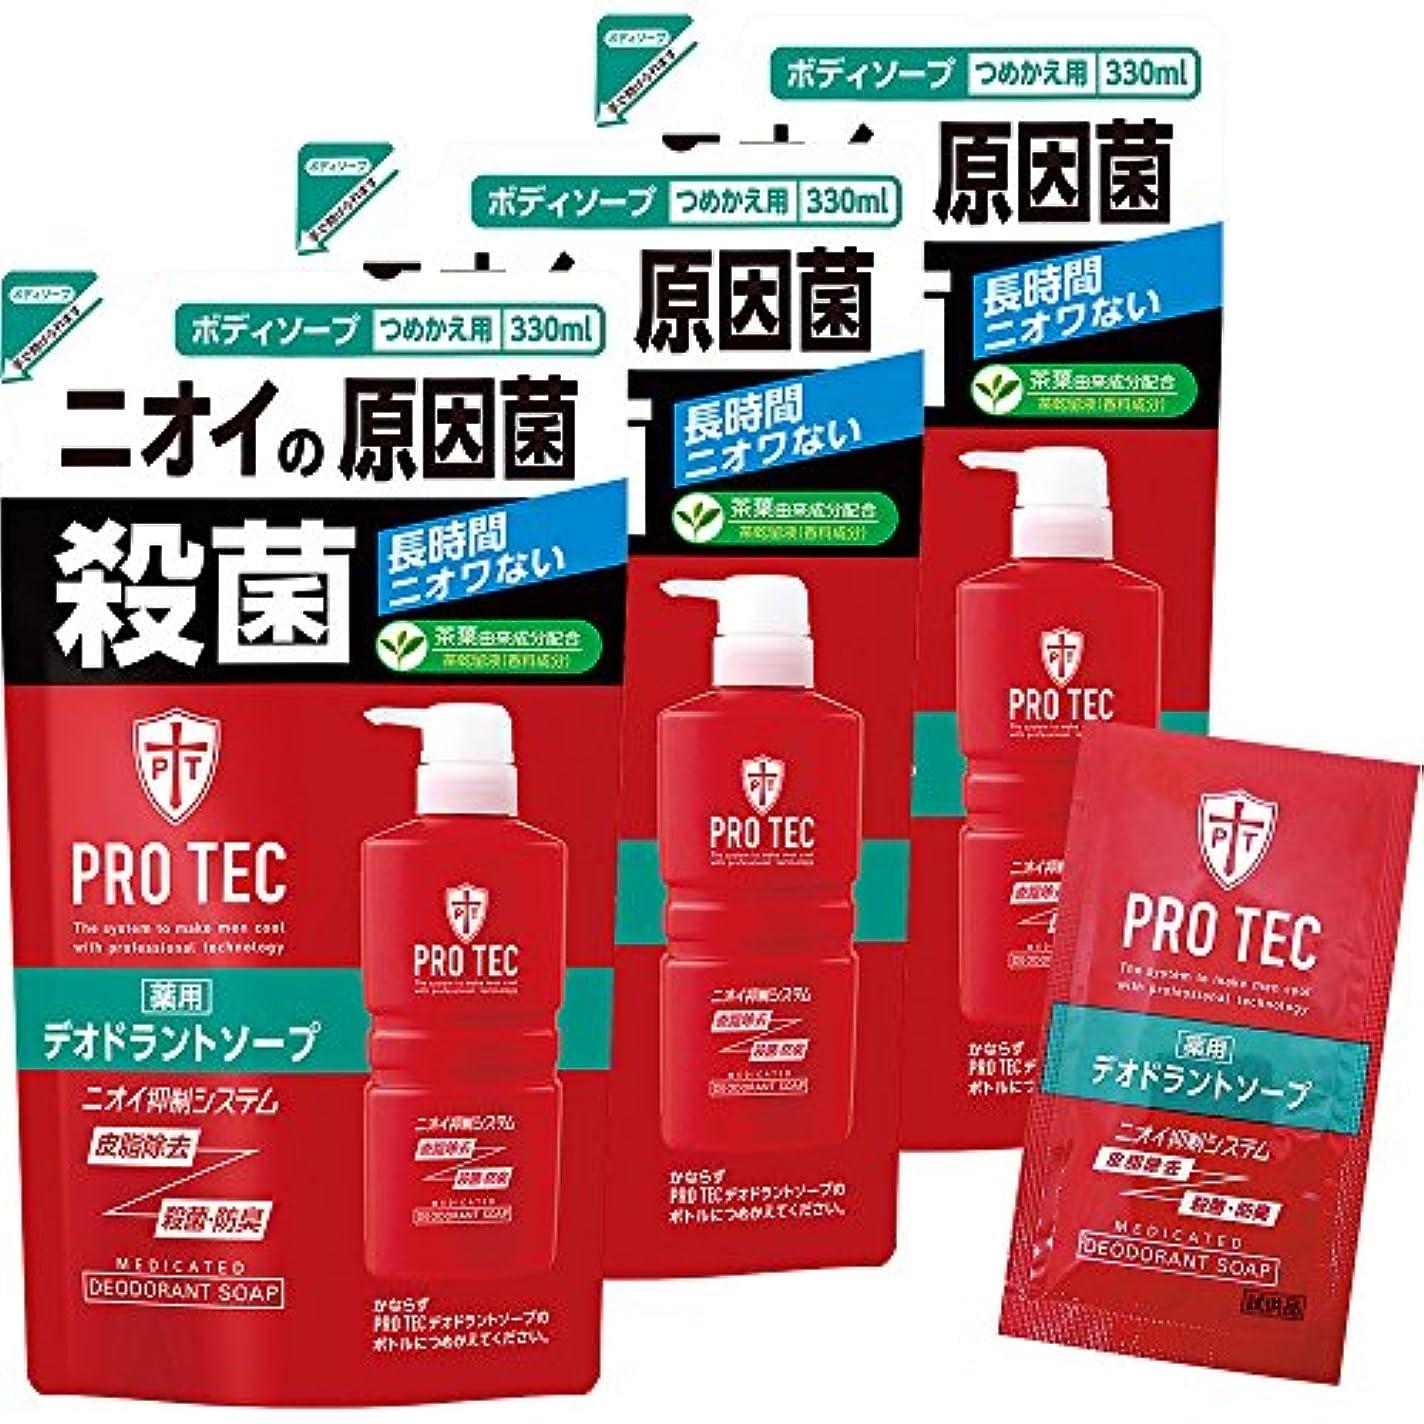 計算する六番目【Amazon.co.jp限定】PRO TEC(プロテク) デオドラントソープ 詰め替え(医薬部外品) 330ml×3個パック+デオドラントソープ1回分付